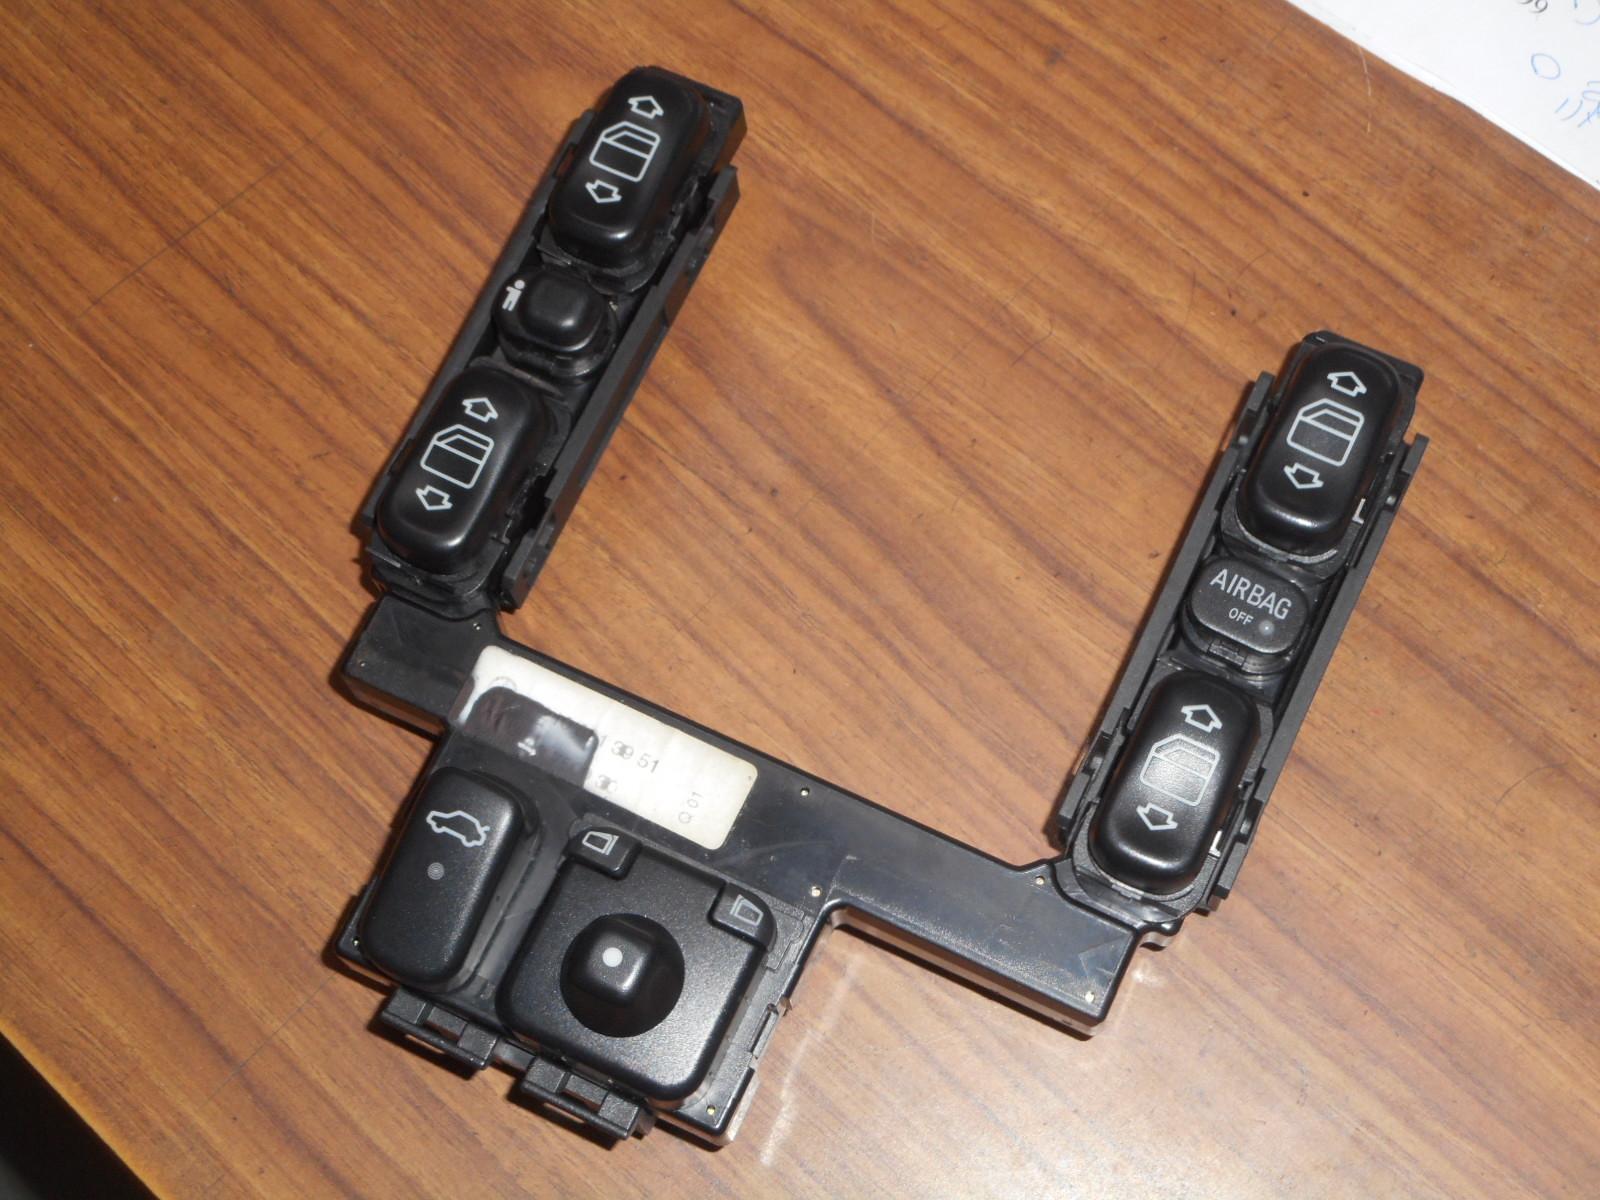 メルセデス・ベンツ W210 ドアミラー、パワーウインド動かない 修理_c0267693_17340032.jpg